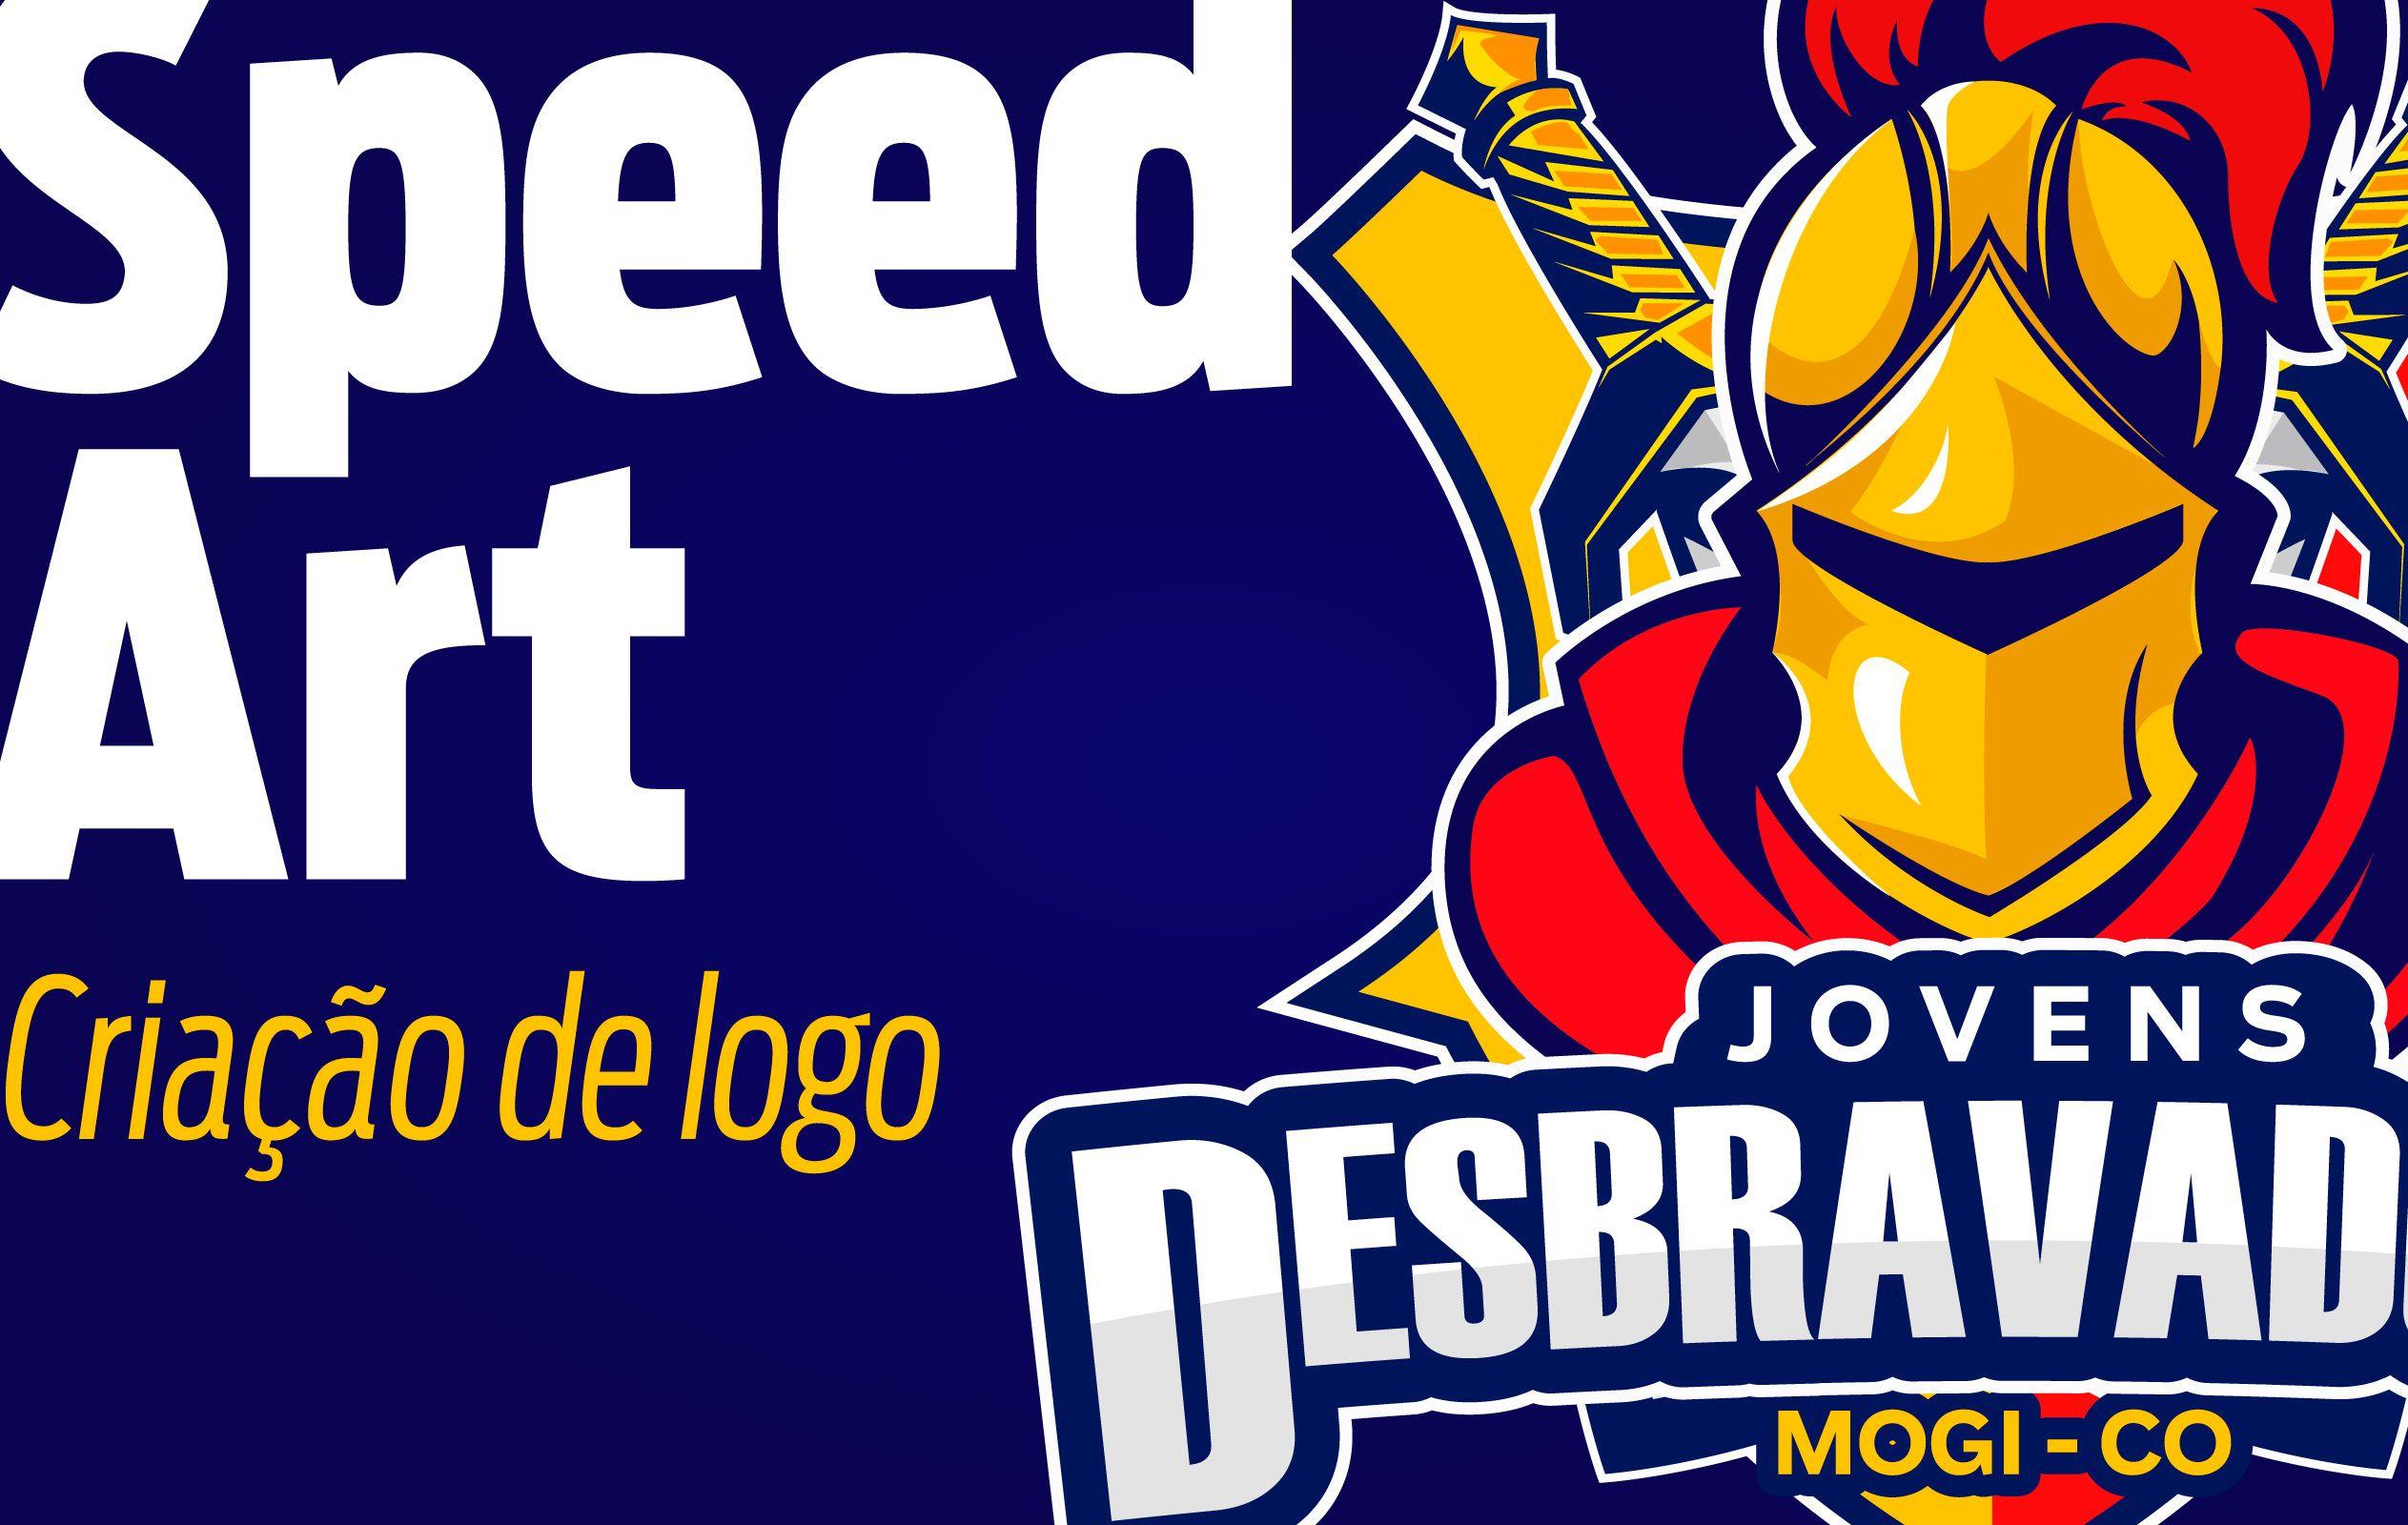 Processo de criação de logo, speed Art para você acompanhar o passo a passo. Desenvolvimento de marca e criação da Agência de Publicidade P3,A. #criação #logo #speedart #desenvolvimentodemarca #inovação #photoshop #ilustração #criatividade #criativo #agencia #marketingdigital #criaçãodelogo